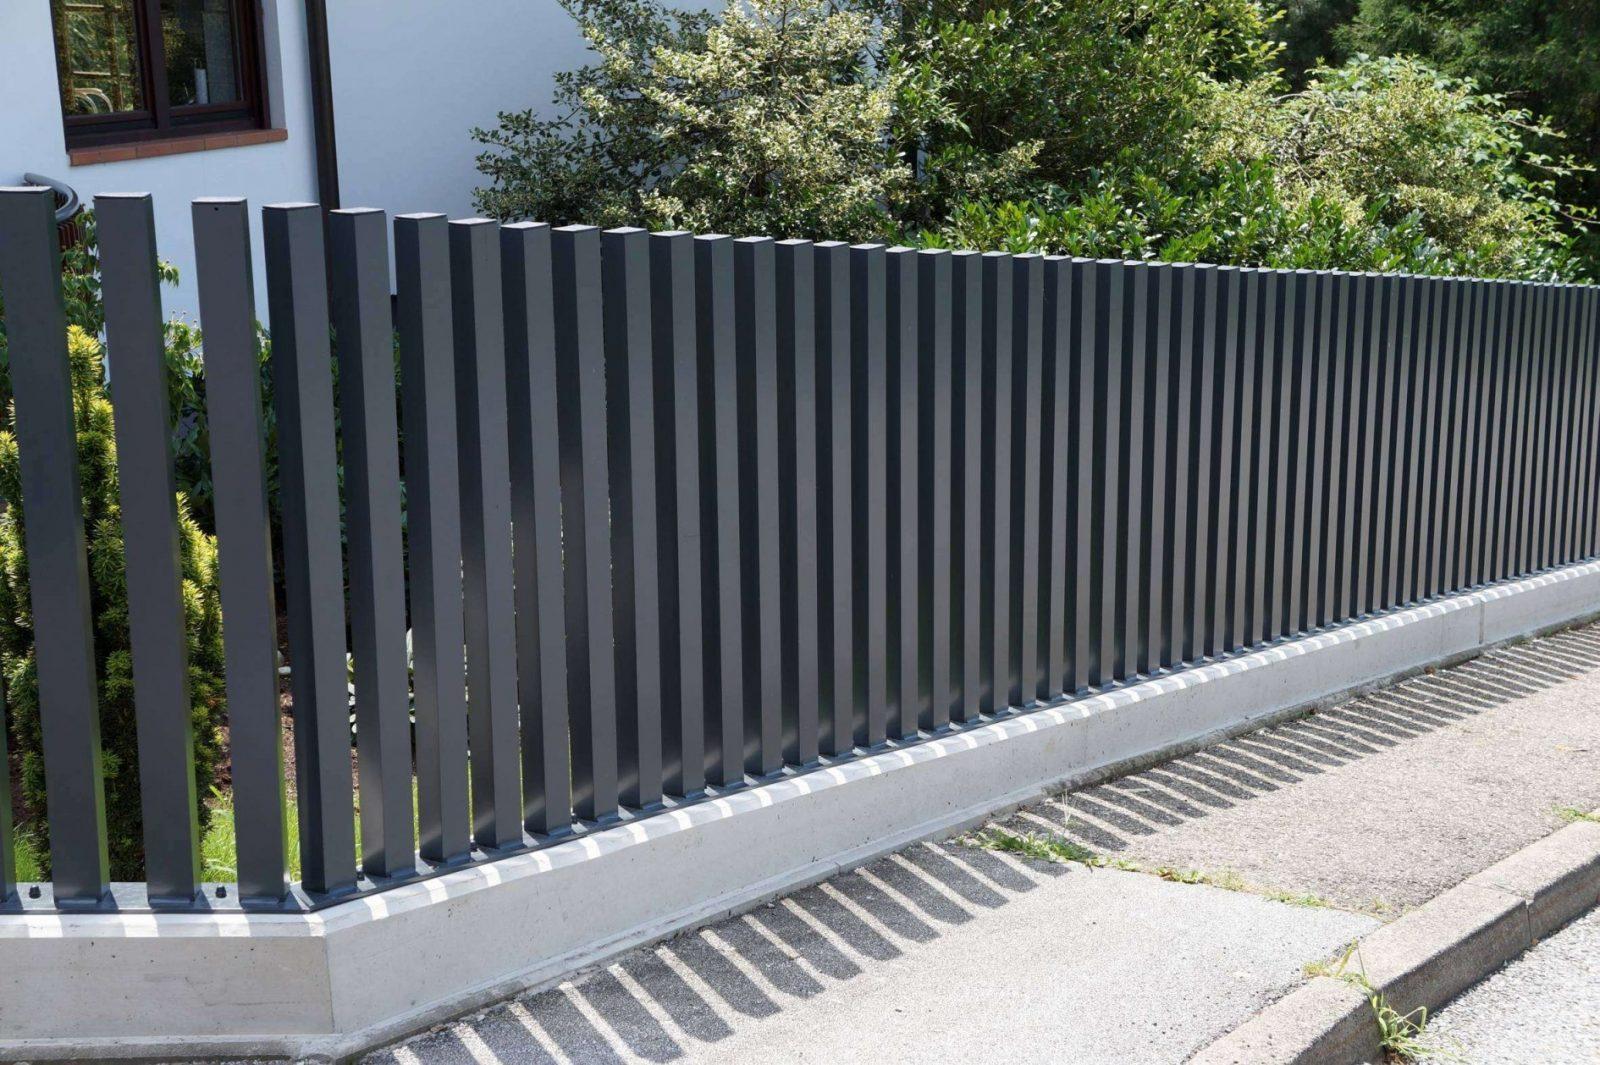 45 Neu Metall Gartenzaun Bilder  Vervollständigen Sie Die von Gartenzaun Selber Bauen Metall Photo